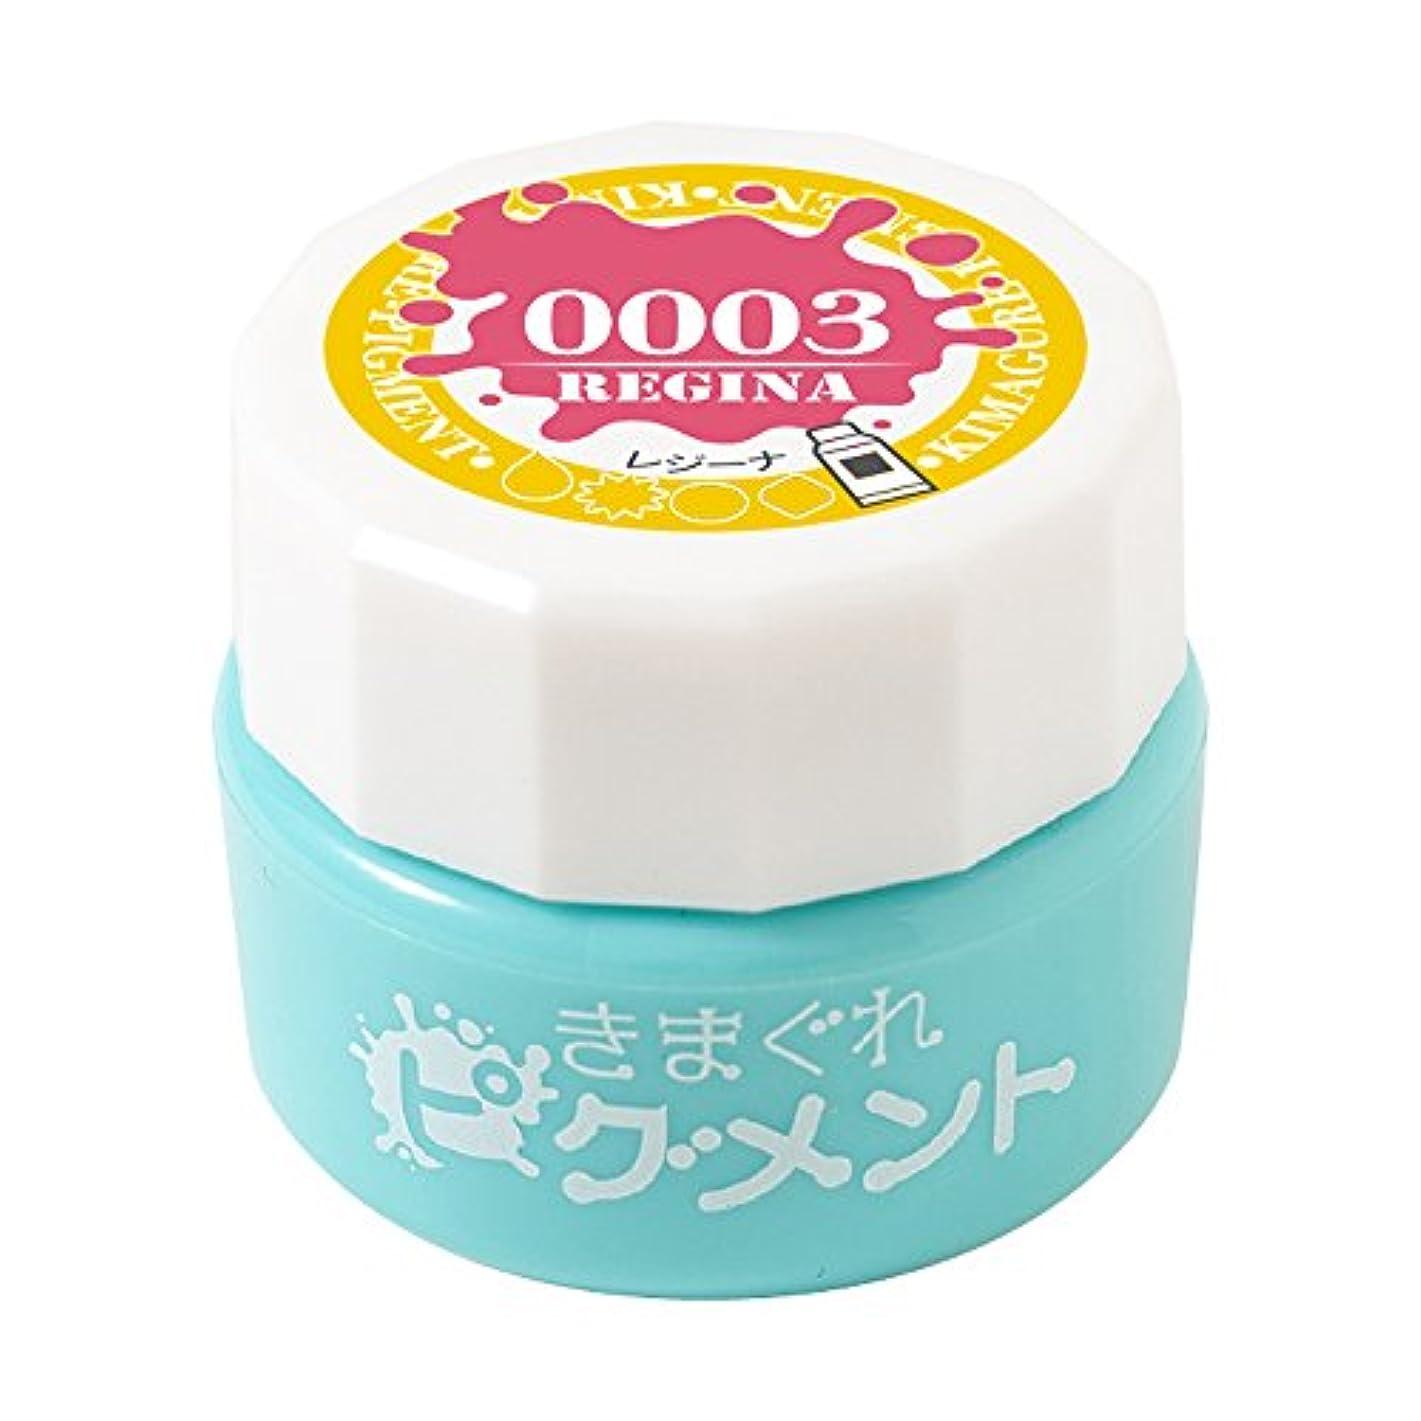 麻痺お茶排出Bettygel きまぐれピグメント レジーナ QYJ-0003 4g UV/LED対応